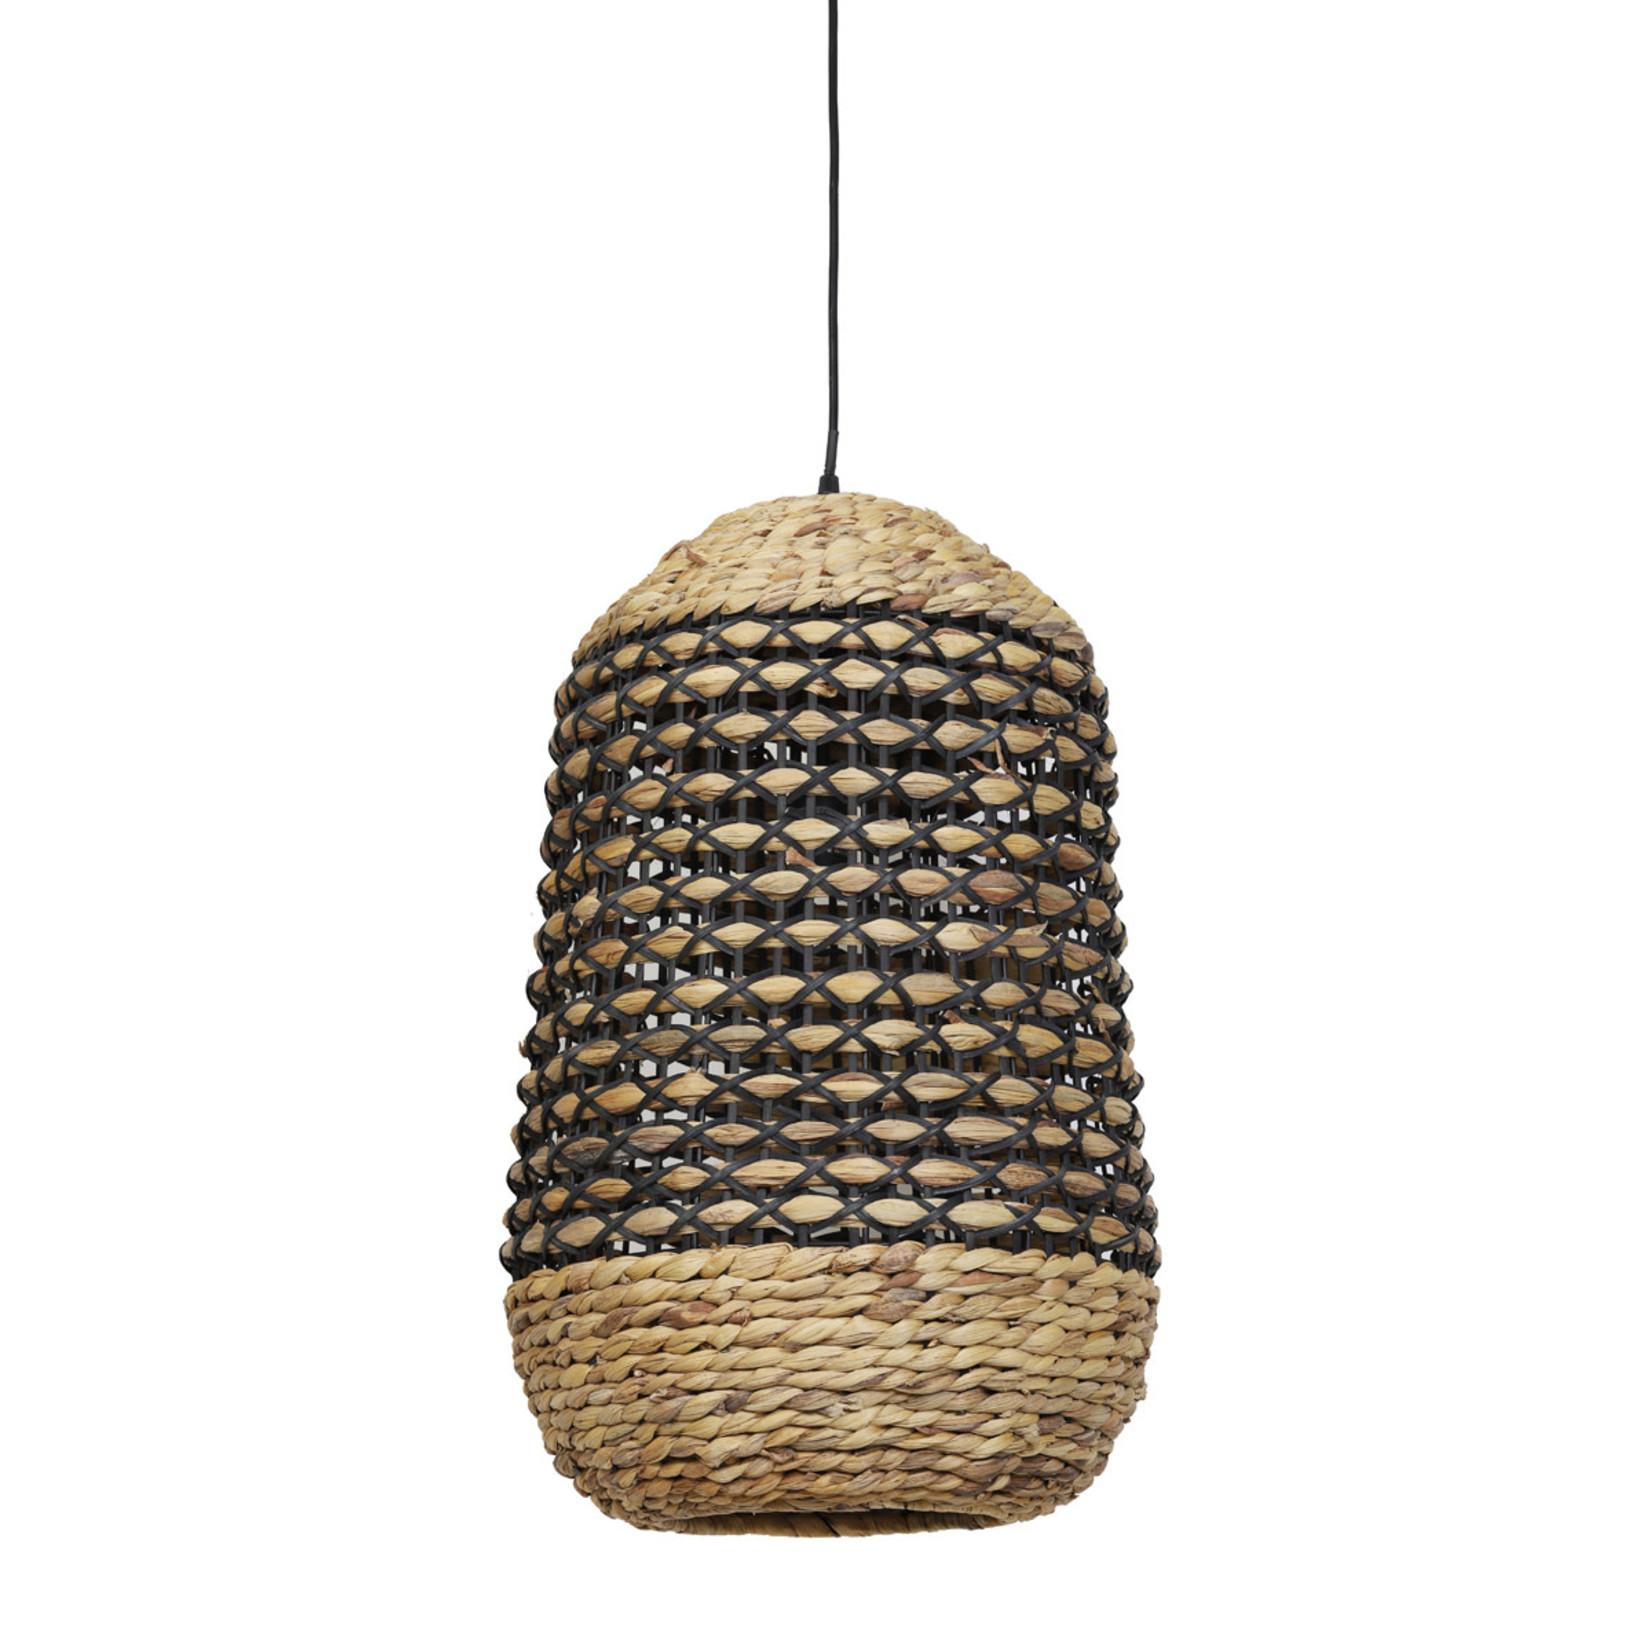 Light & Living Hanglamp Tripoli 37,5x58 cm naturel/zwart